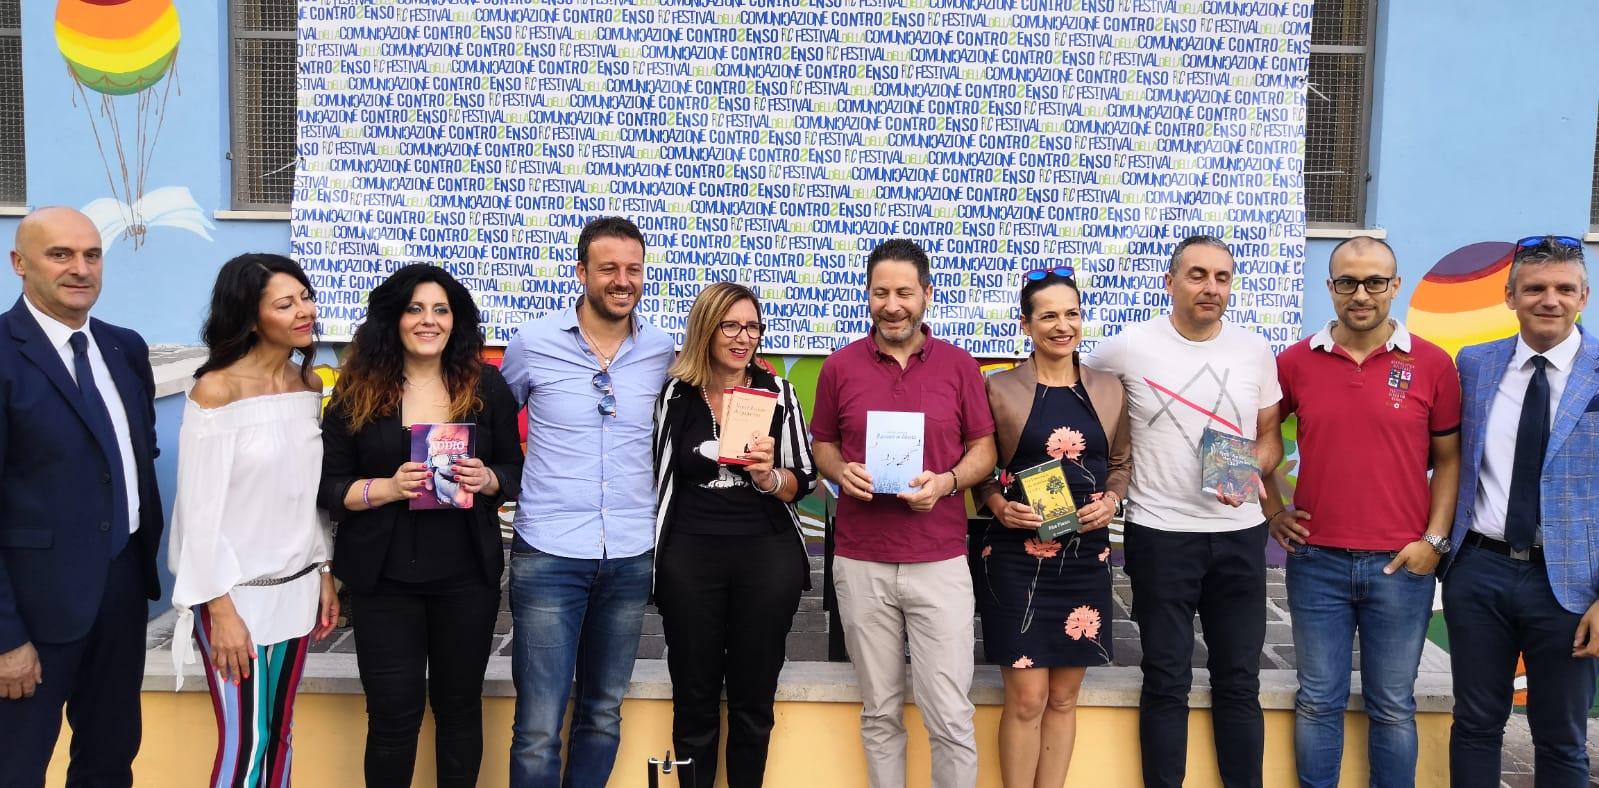 Premio Letteriario Festival della Comunicazione Controsenso (14)